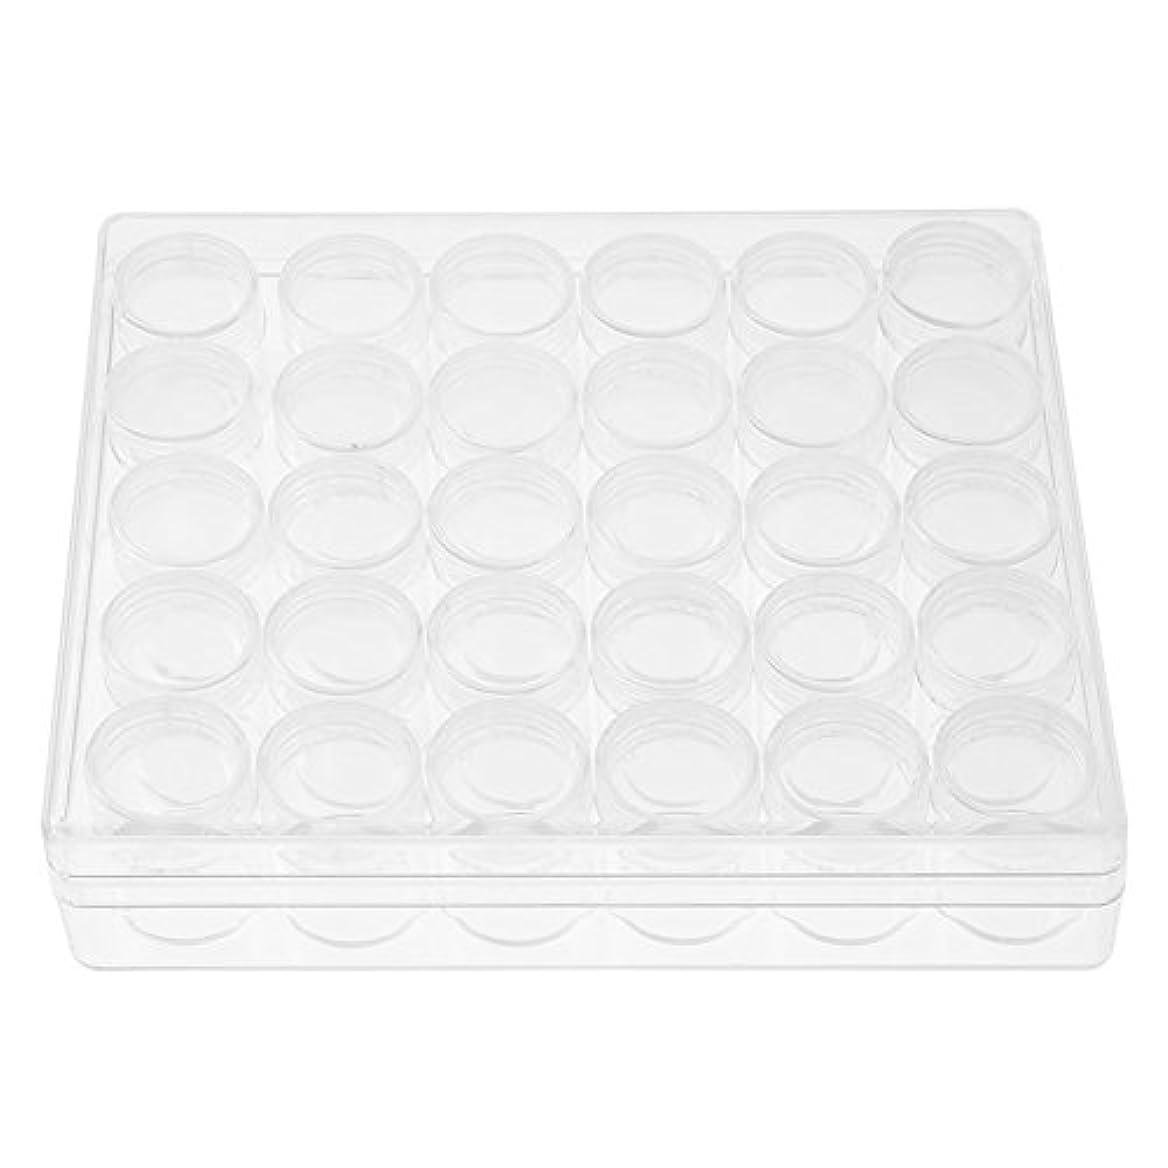 メンタルスピーカー荷物30の貯蔵タンクの容器の瓶の宝石類の小さい貯蔵の長方形の箱の円形の透明なプラスチック